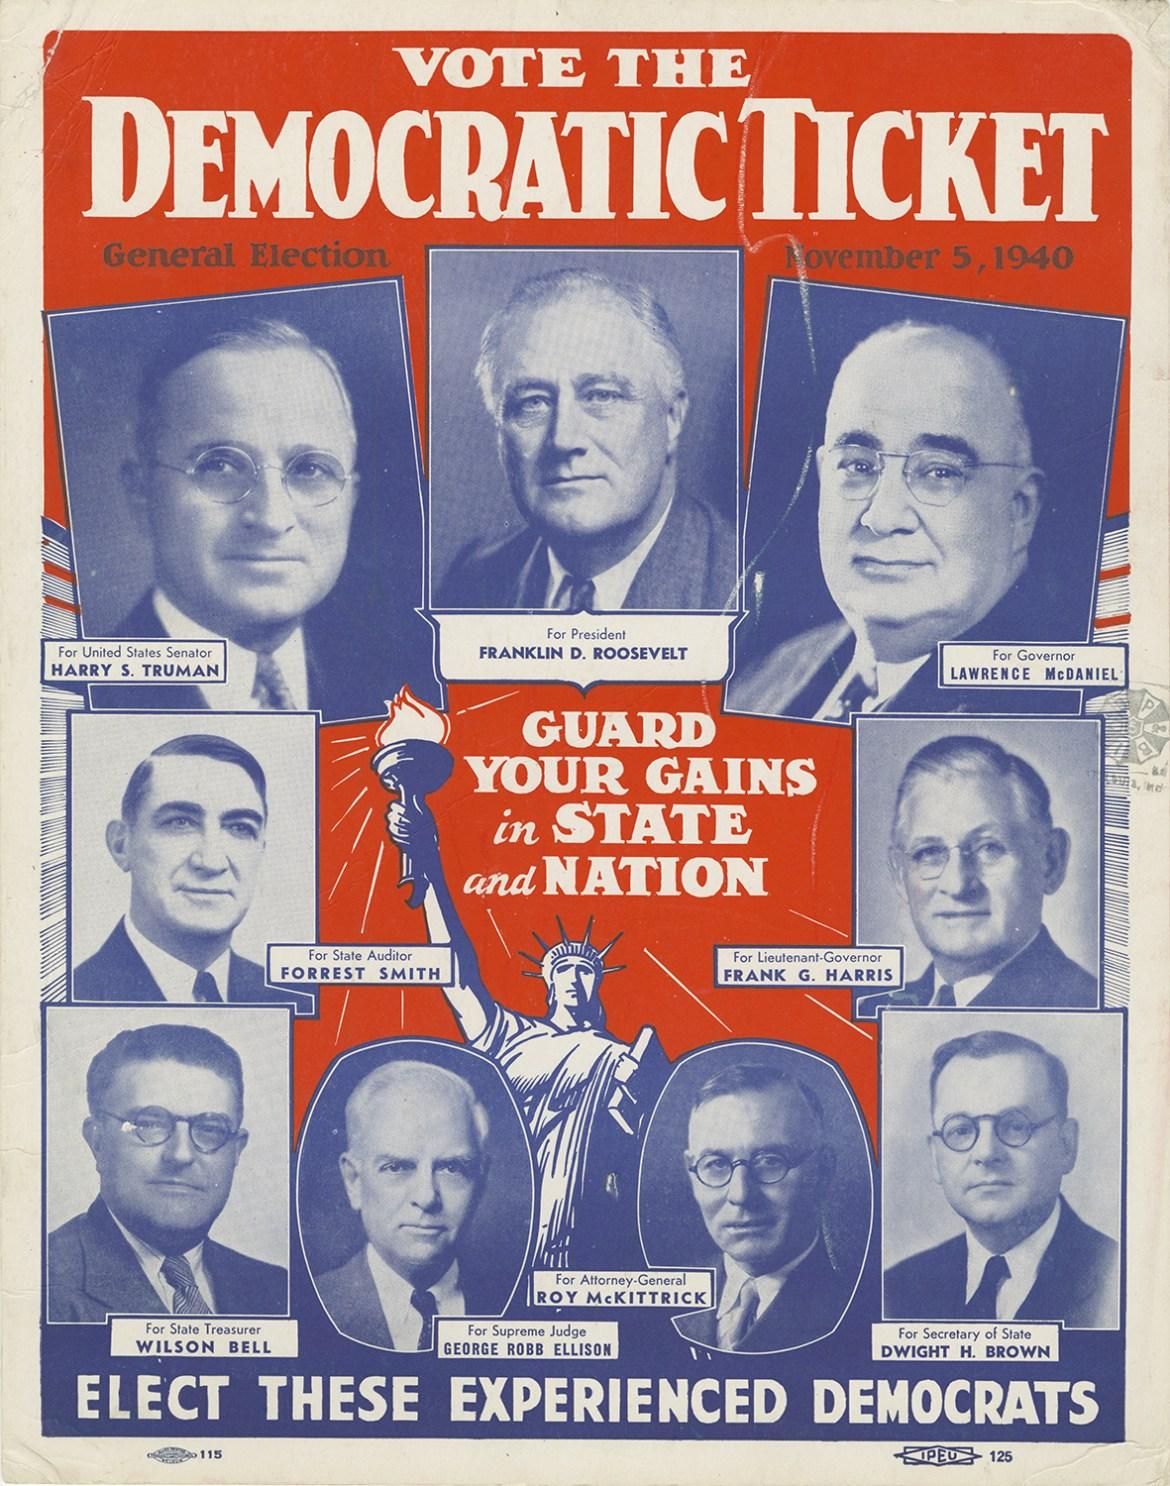 vote-the-democratic-ticket